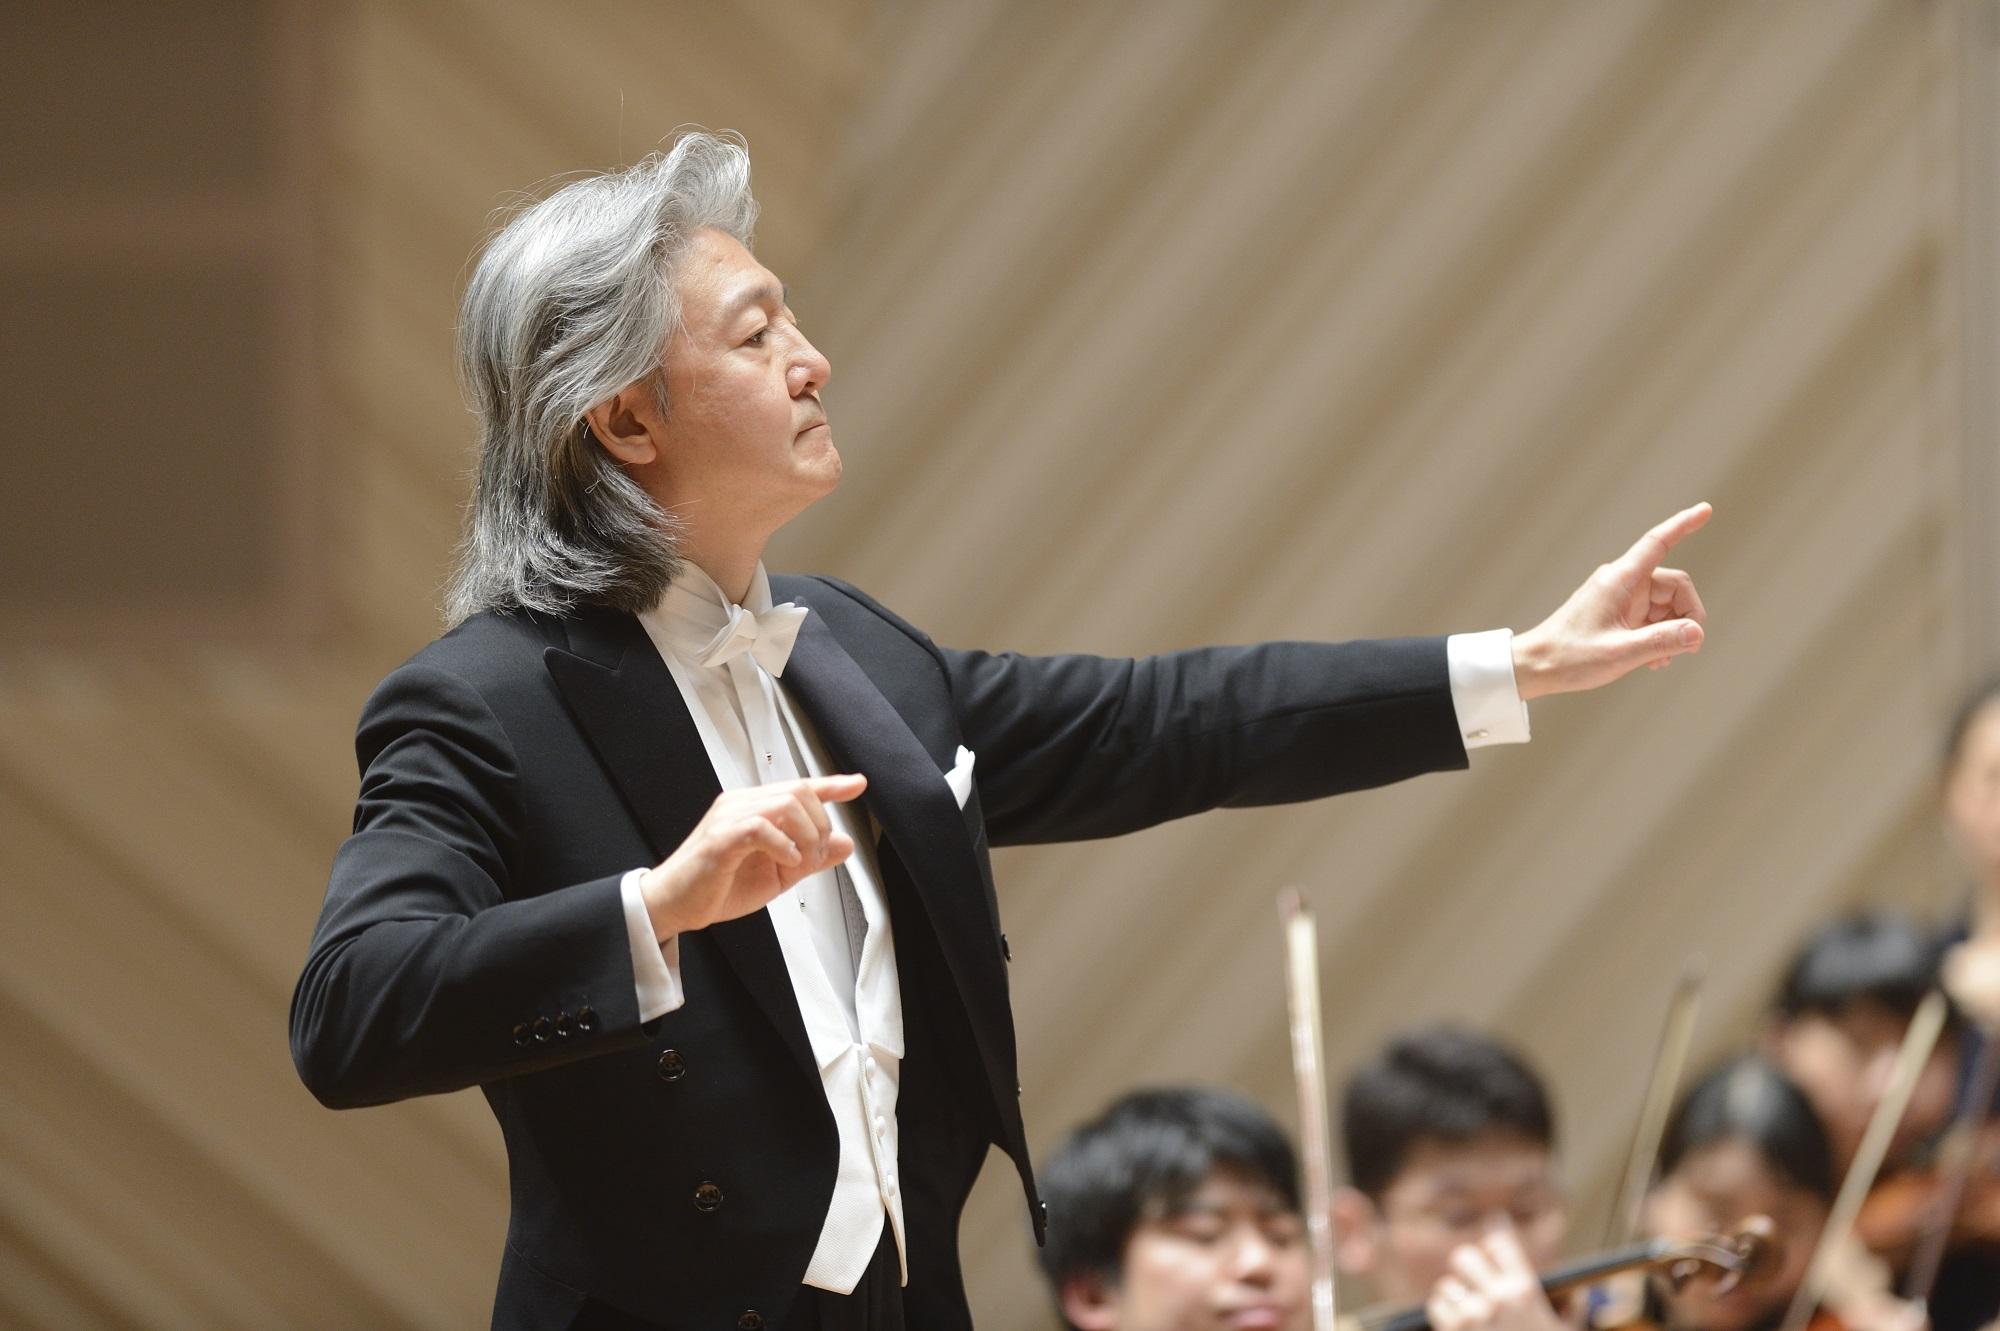 作曲家シベリウスの生涯を俯瞰する、オール・シベリウス・プログラム―――ミューザ川崎シンフォニーホール&東京交響楽団 名曲全集第125回